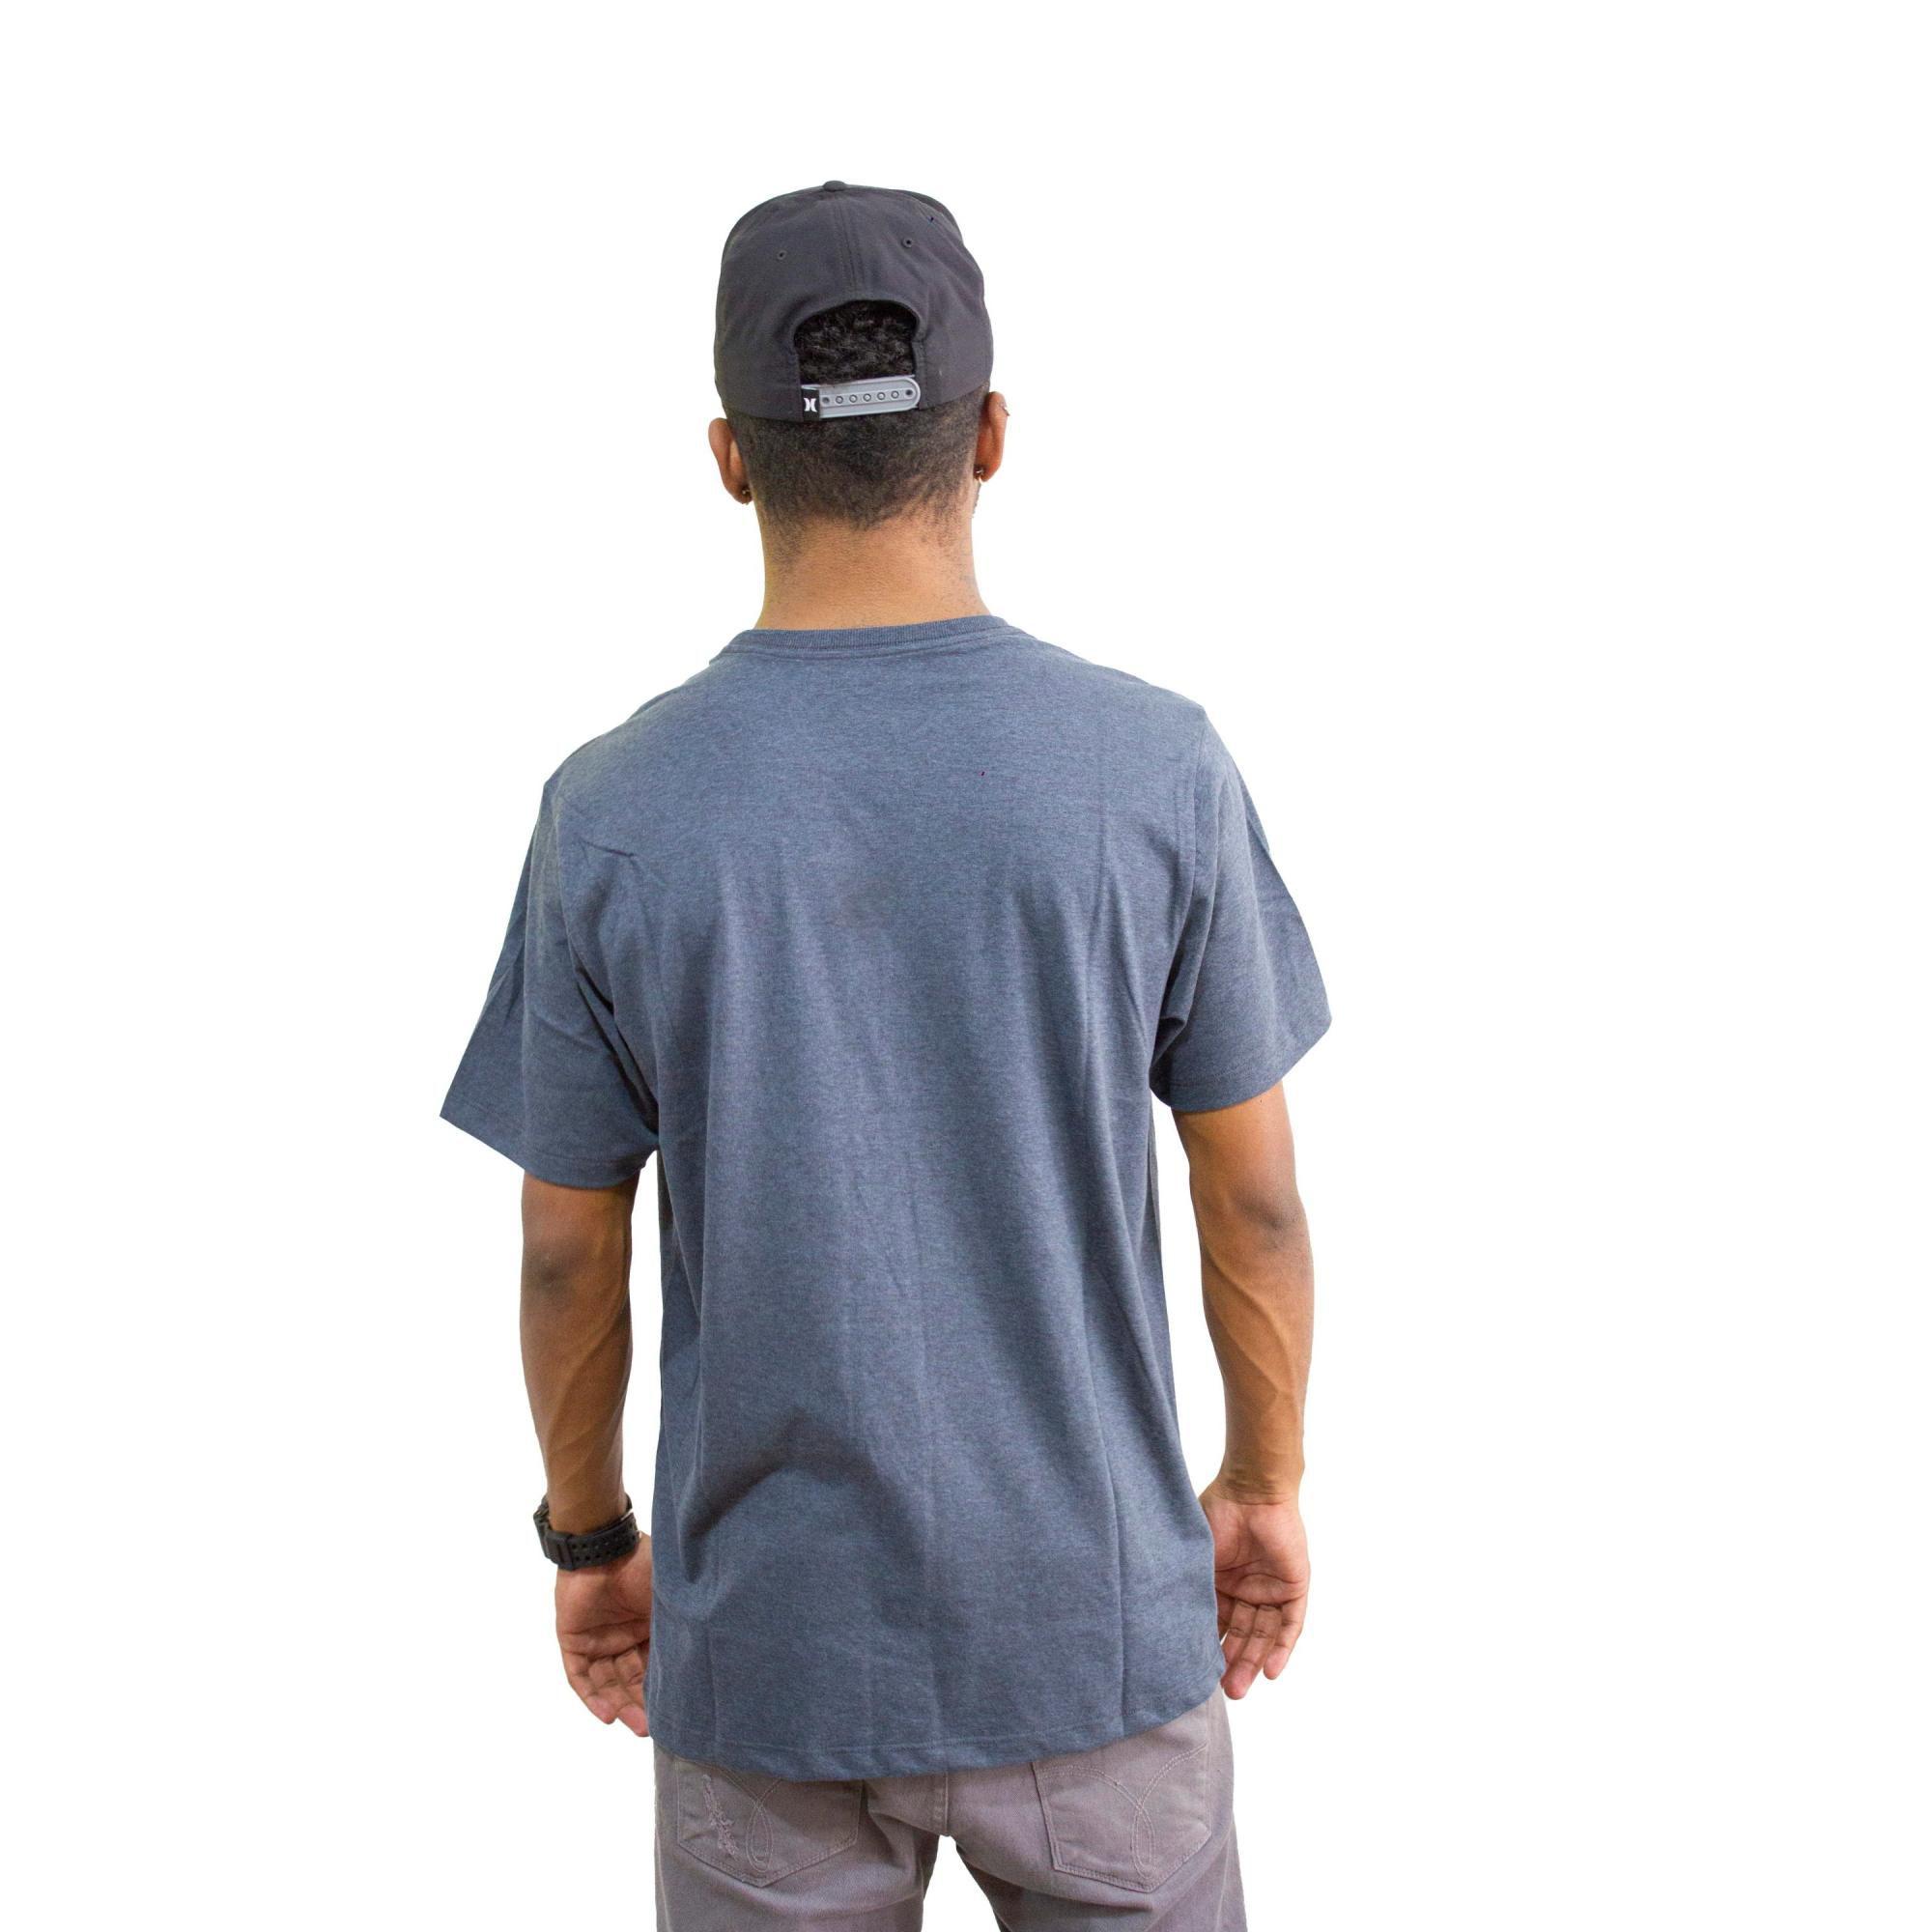 Camiseta Hurley Silk Mescla Escuro